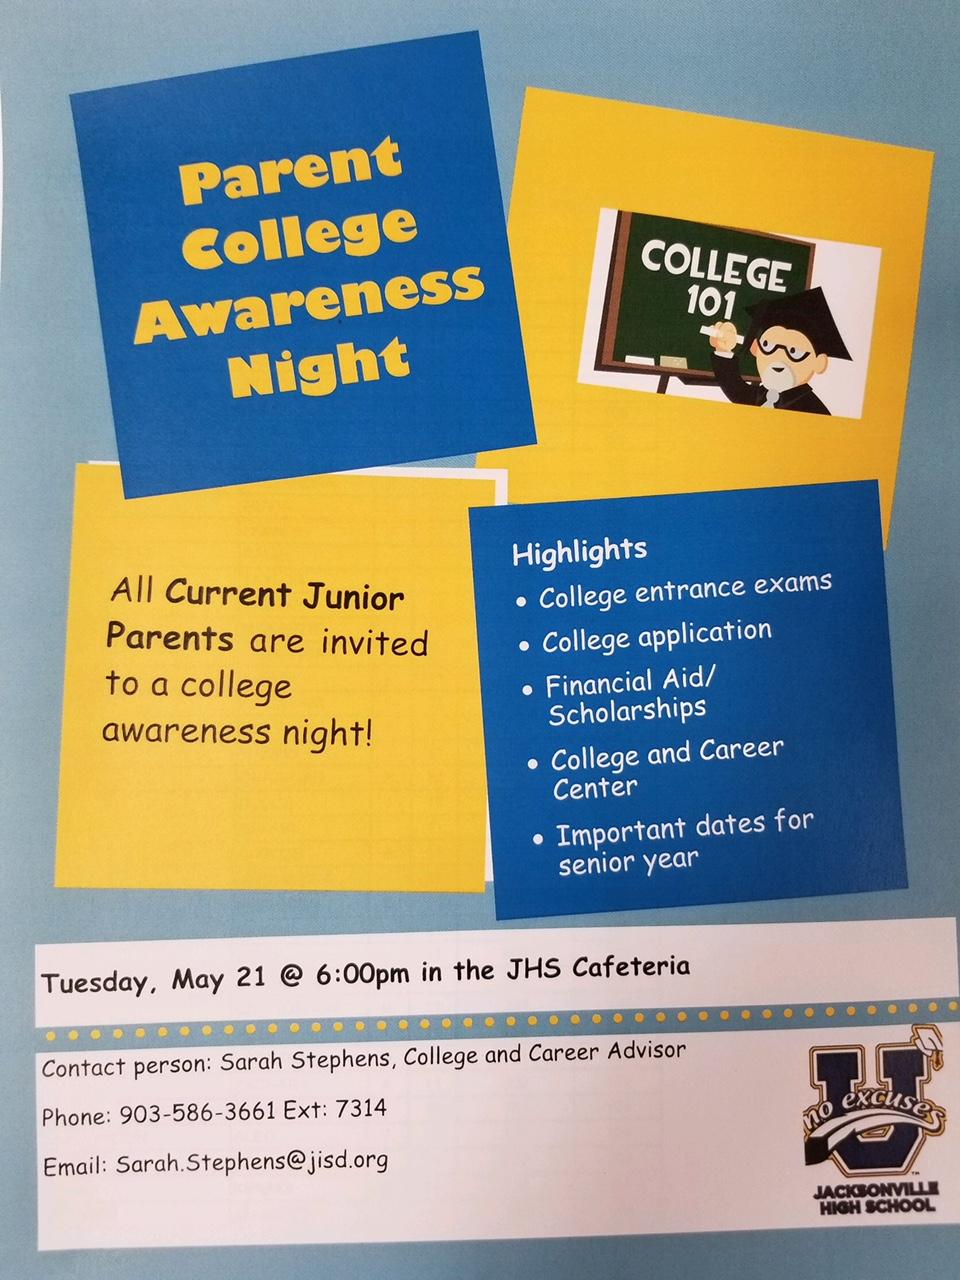 parent college awareness night